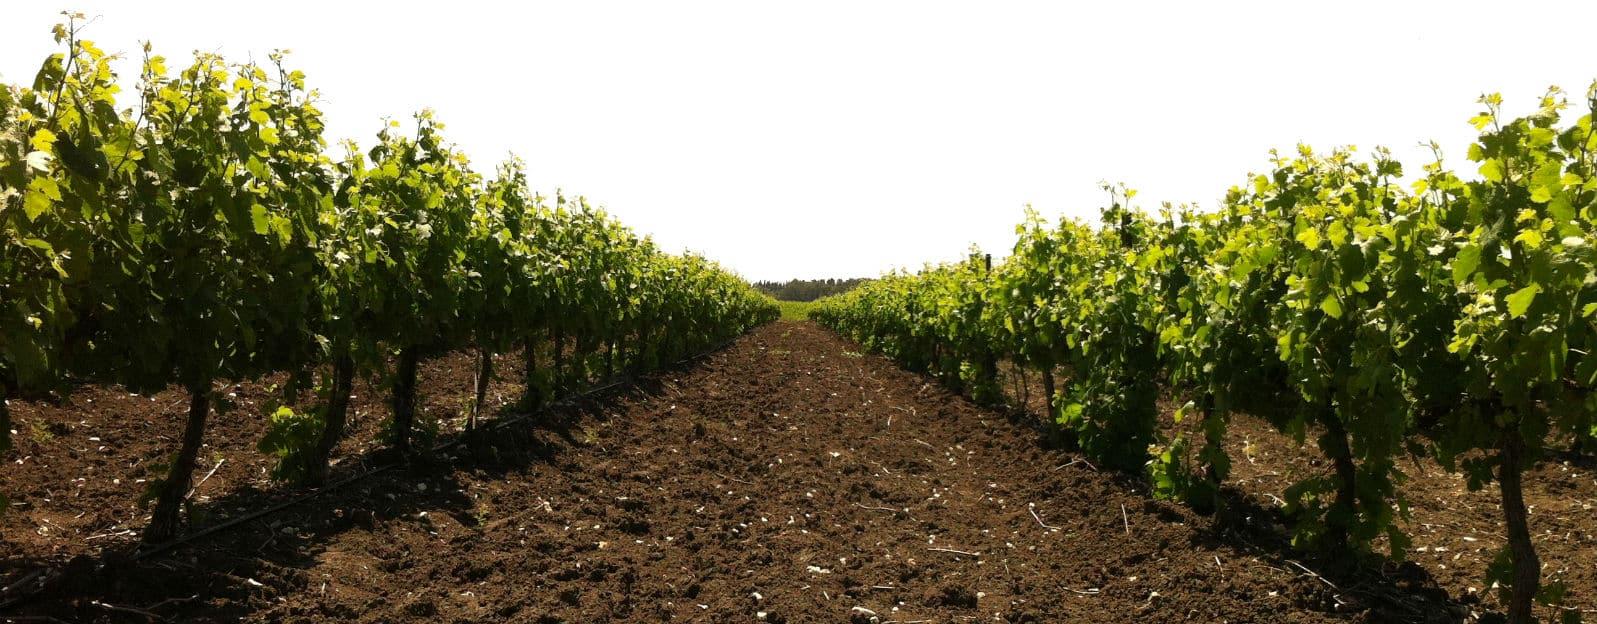 ייצוג מגזר חקלאי | ייצוג מושבים | ייצוג קיבוצים | ייצוג אגודות שיתופיות